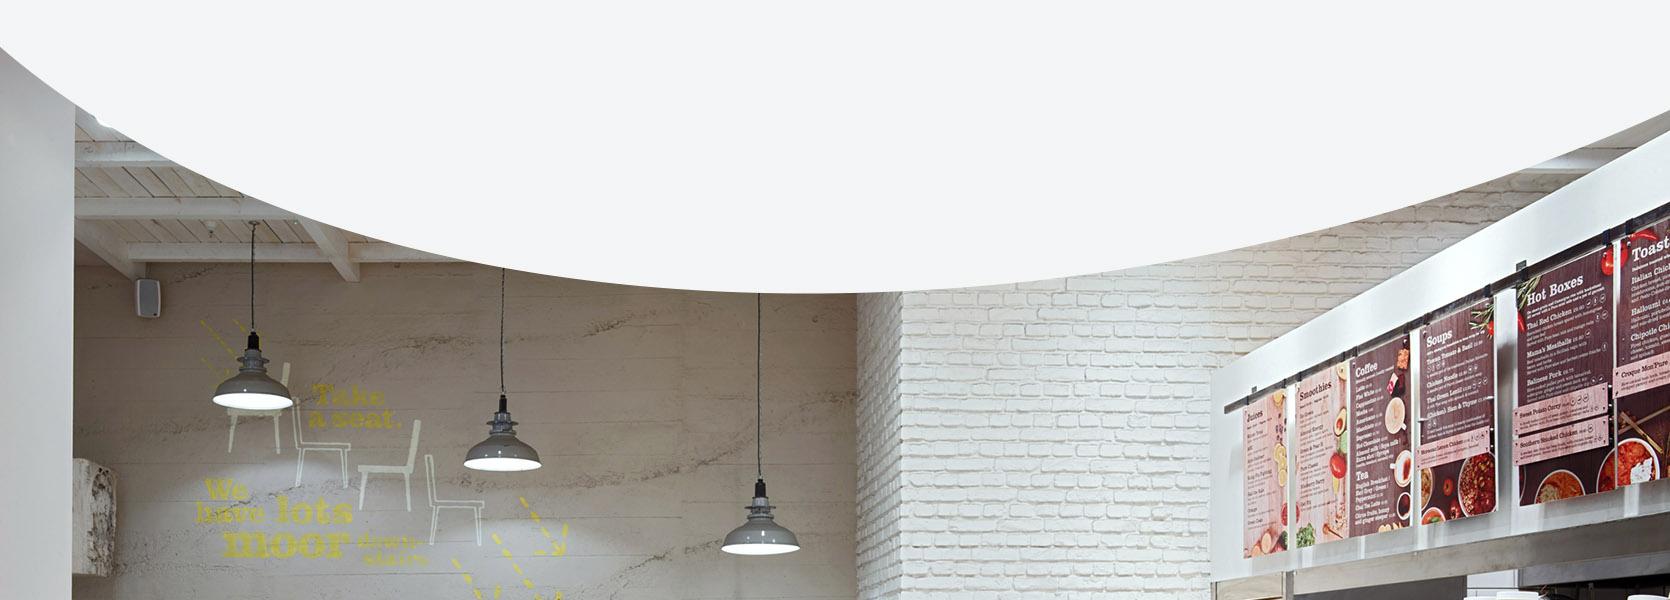 ladrillo blanco y hormigon paneles oldstones